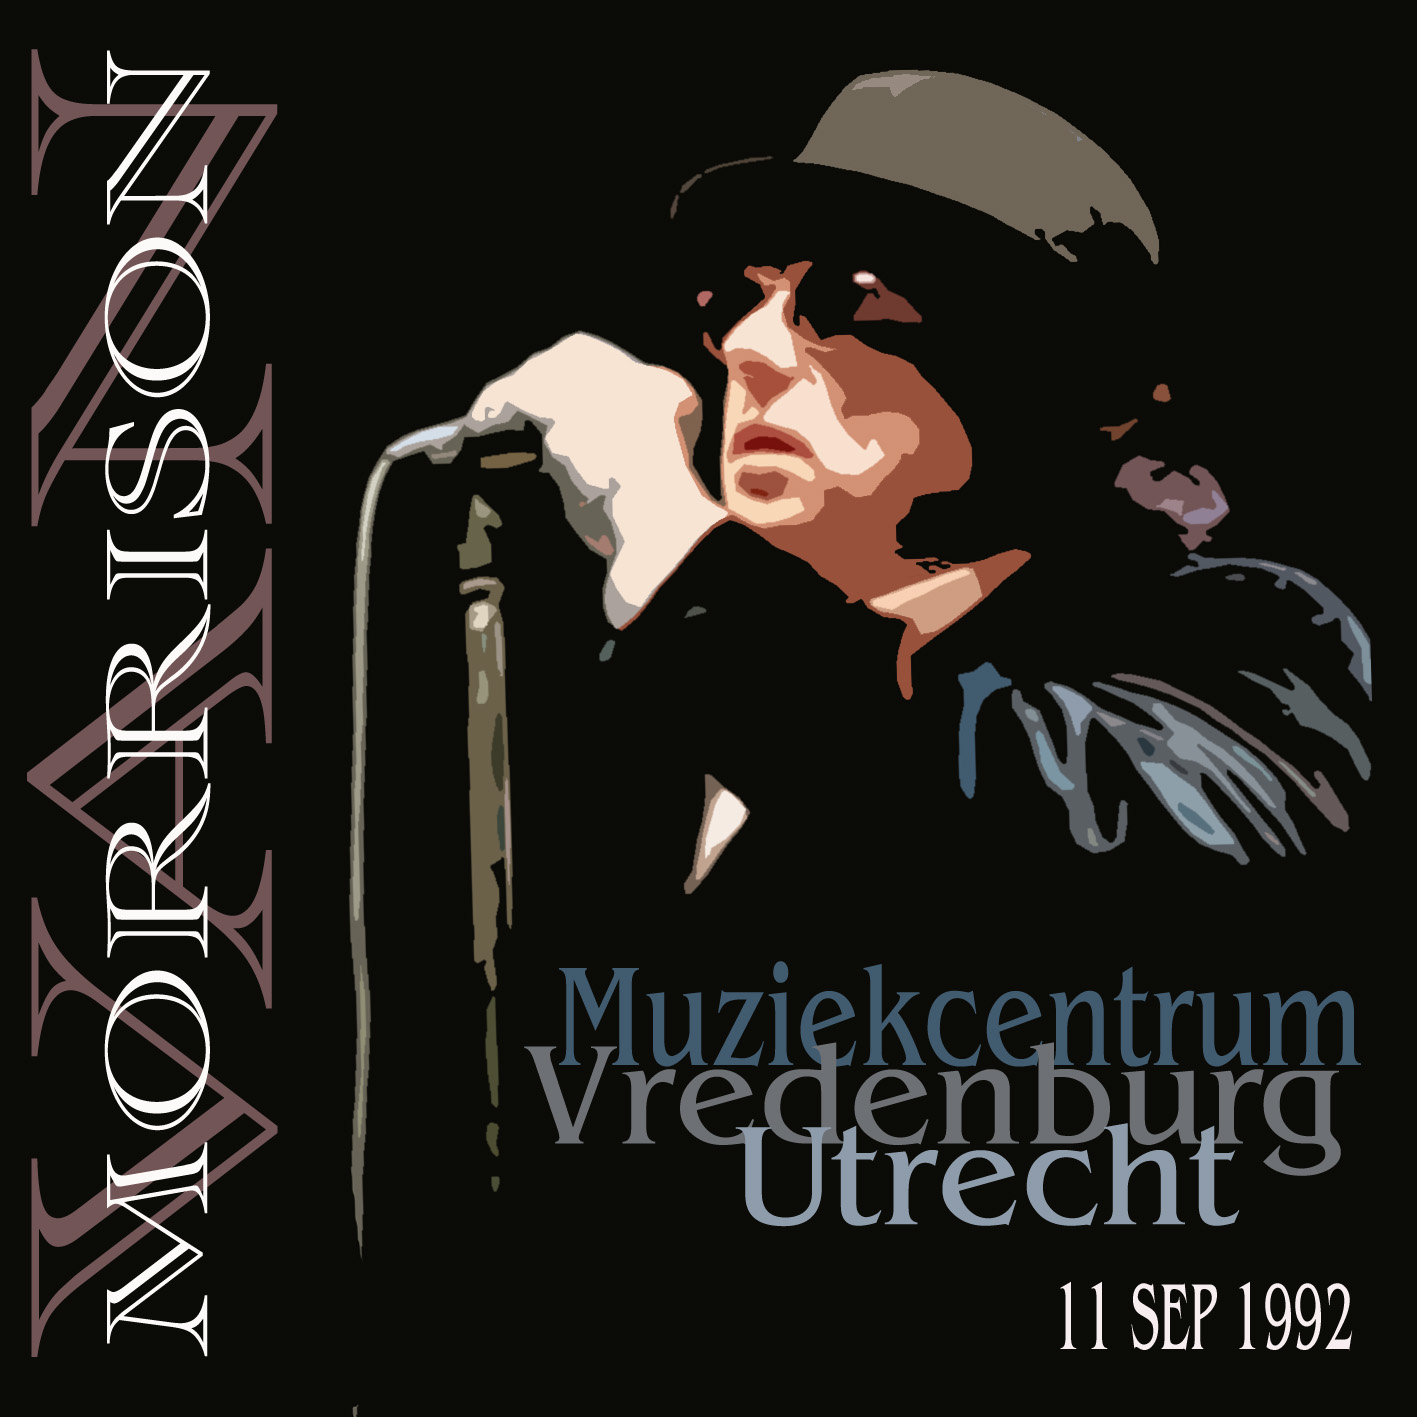 VanMorrison1992-09-11MuziekcentrumVredenburgUtrechtHolland.jpg